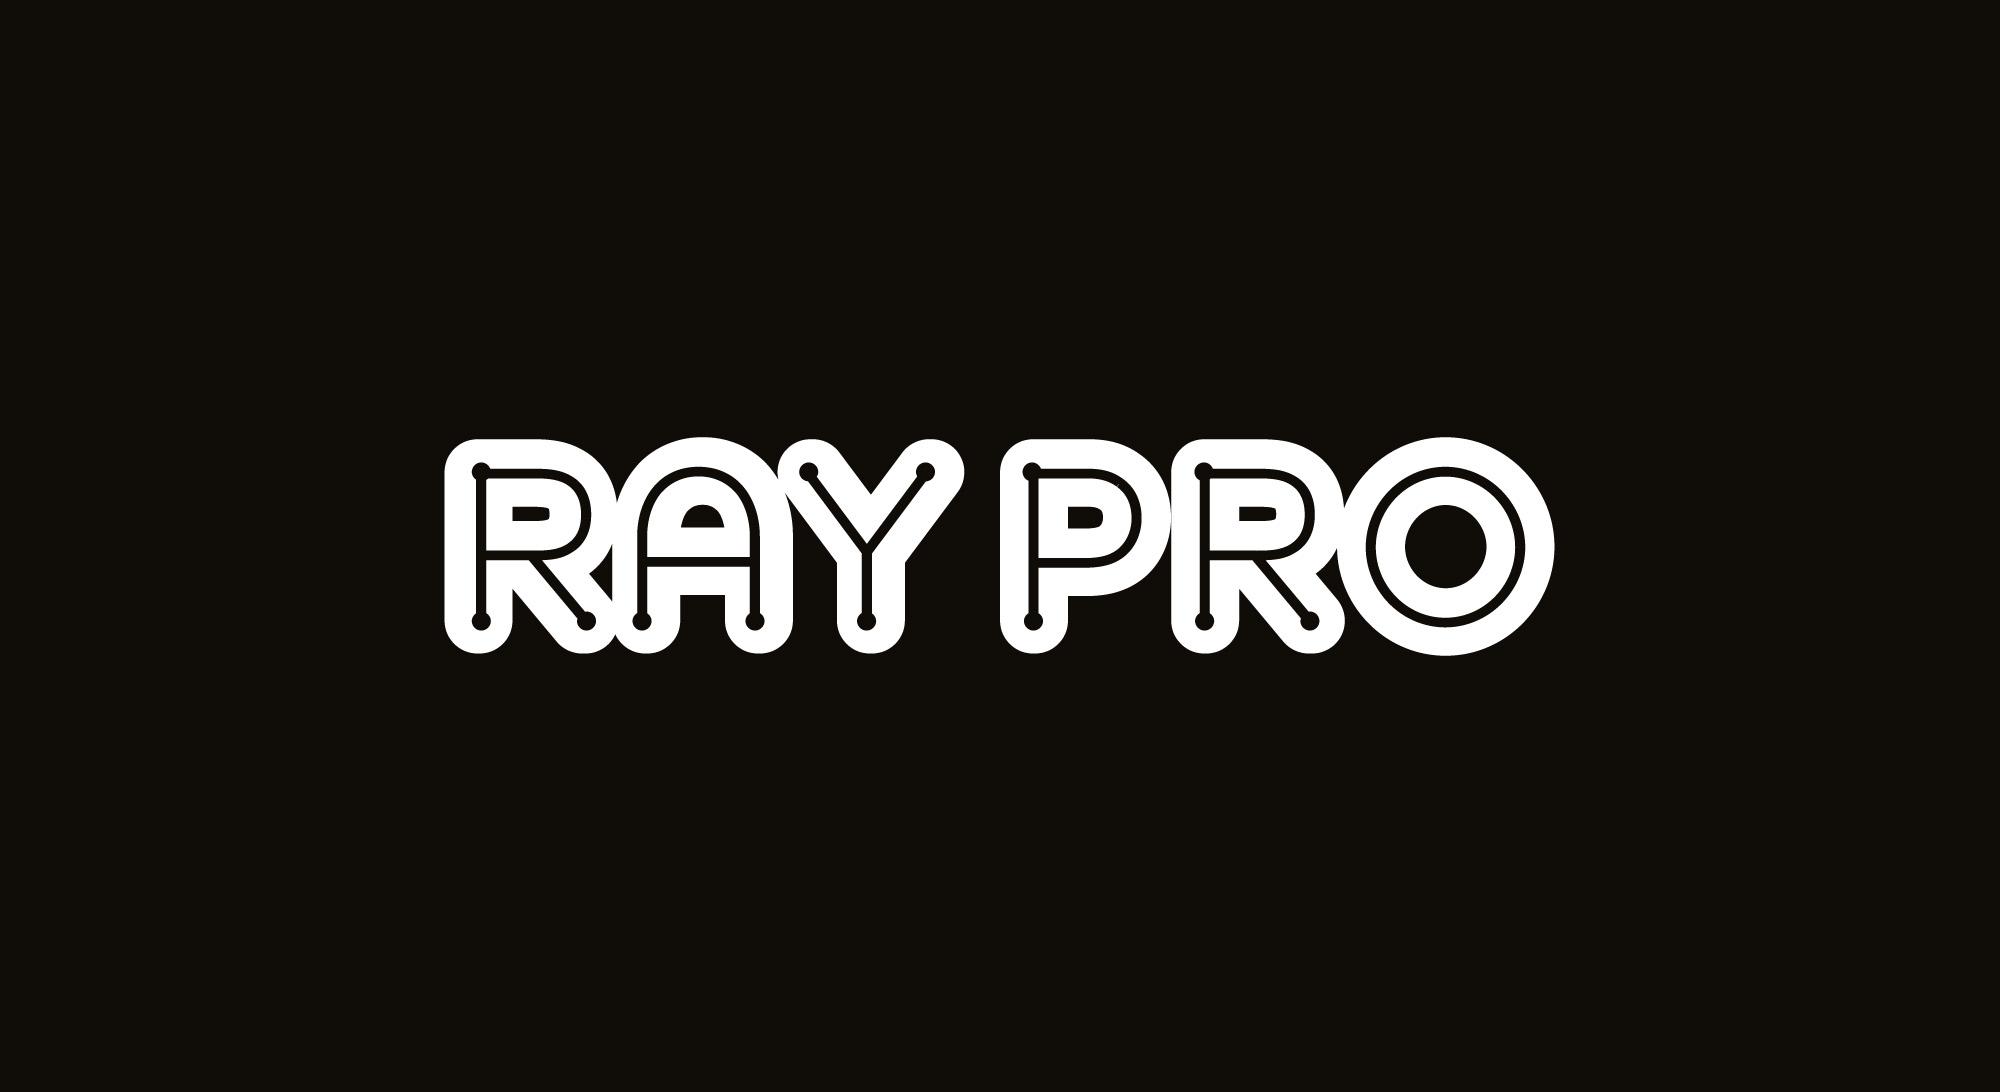 Разработка логотипа (продукт - светодиодная лента) фото f_2215bc0d431e0631.jpg